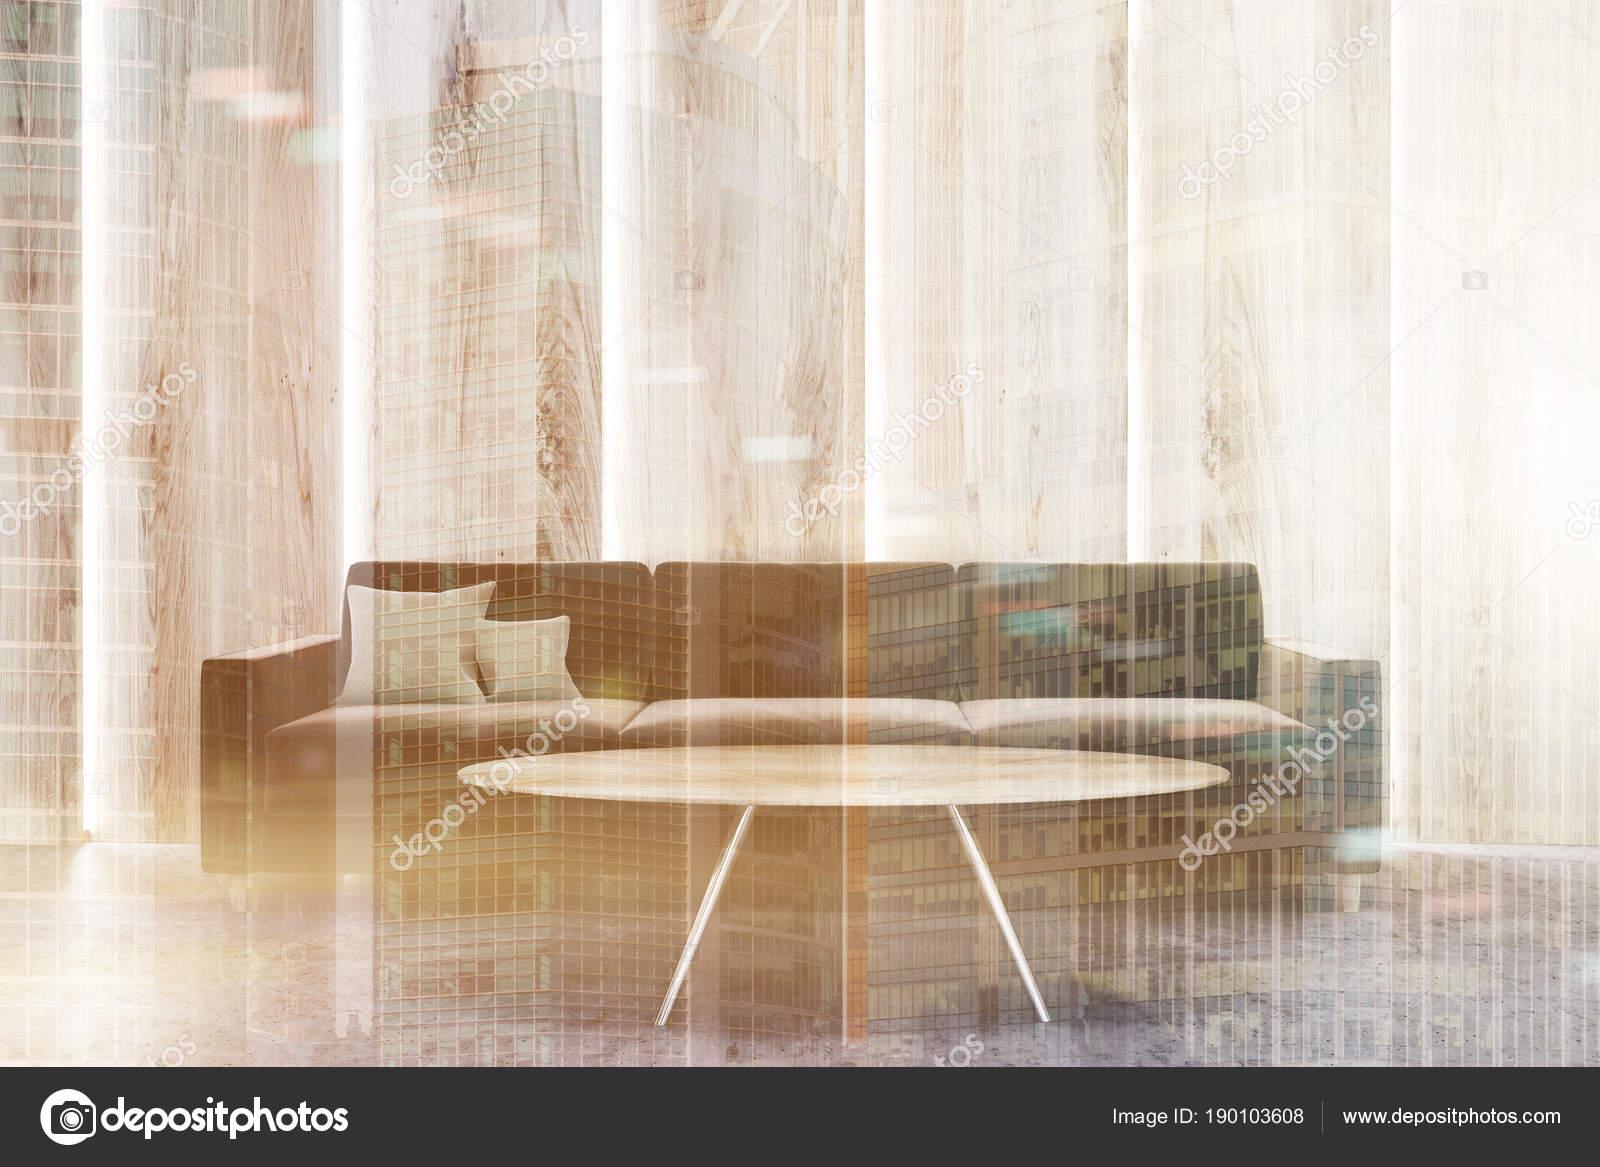 Gaas Het Interieur : Luxe houten muren woonkamer interieur toned u2014 stockfoto